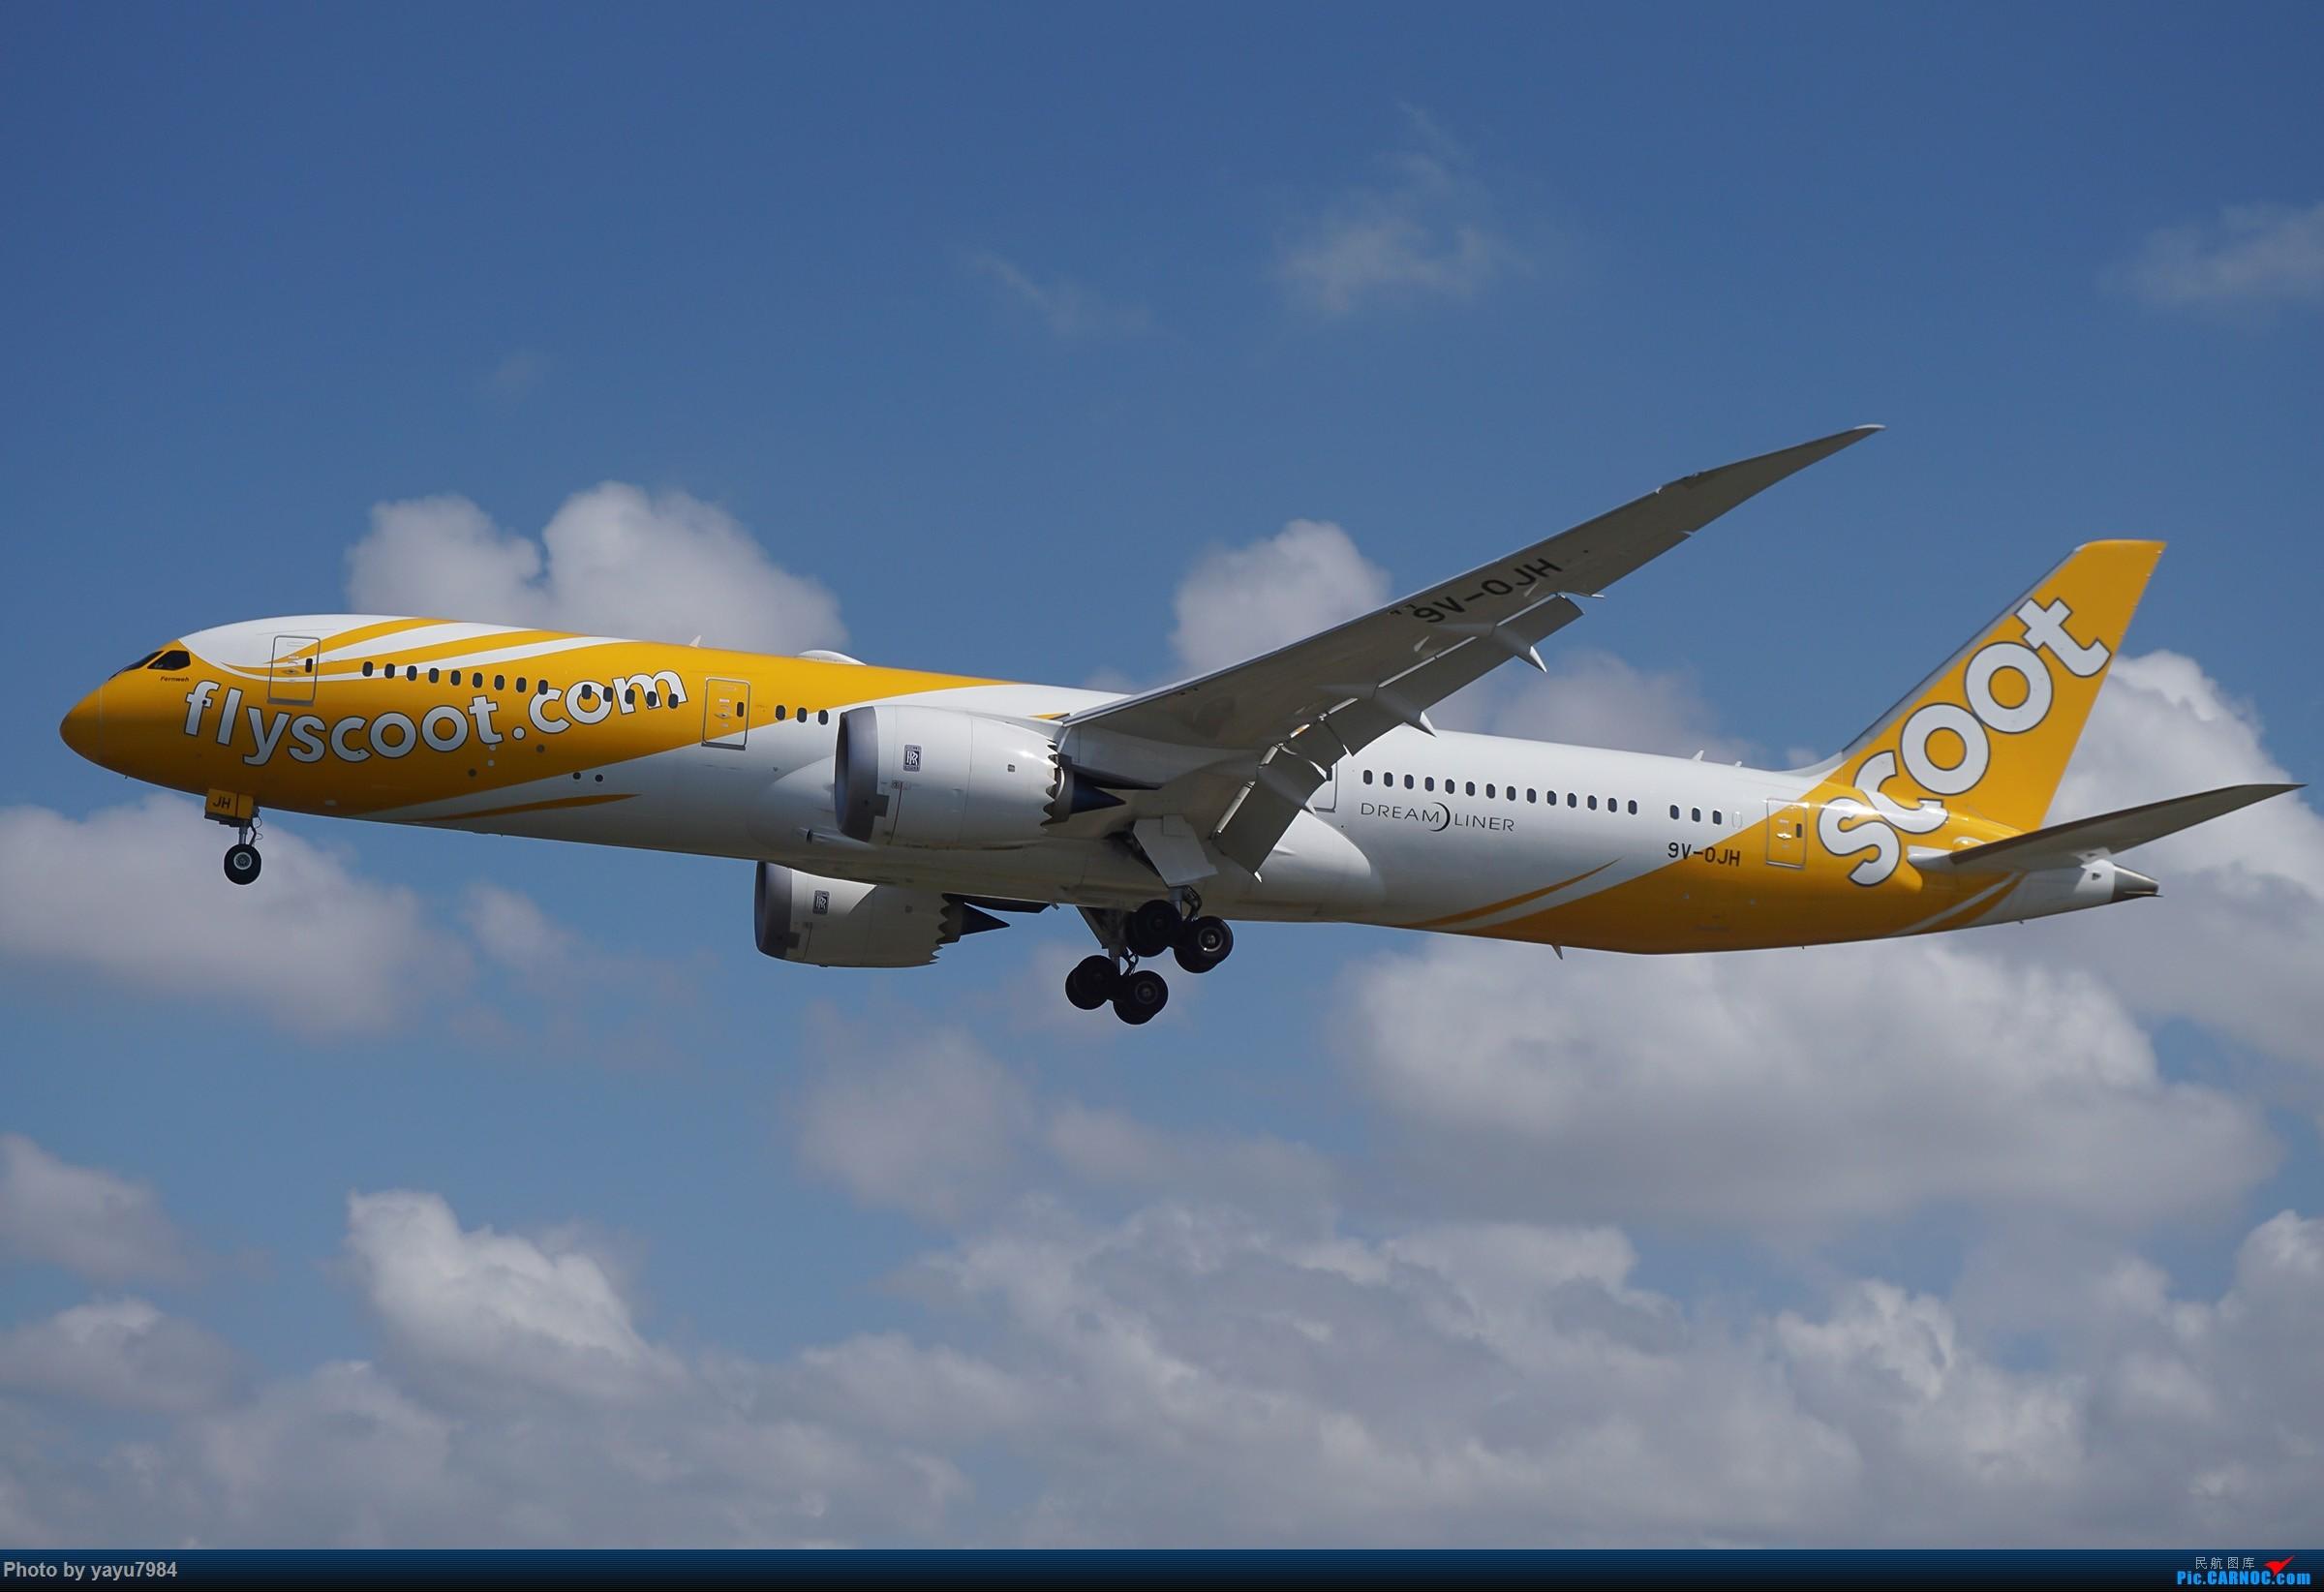 Re:[SYD] 东航天合332,雪绒花343,华航蓝鹊,以及其他日常货 BOEING 787-9 9V-OJH 澳大利亚悉尼金斯福德·史密斯机场